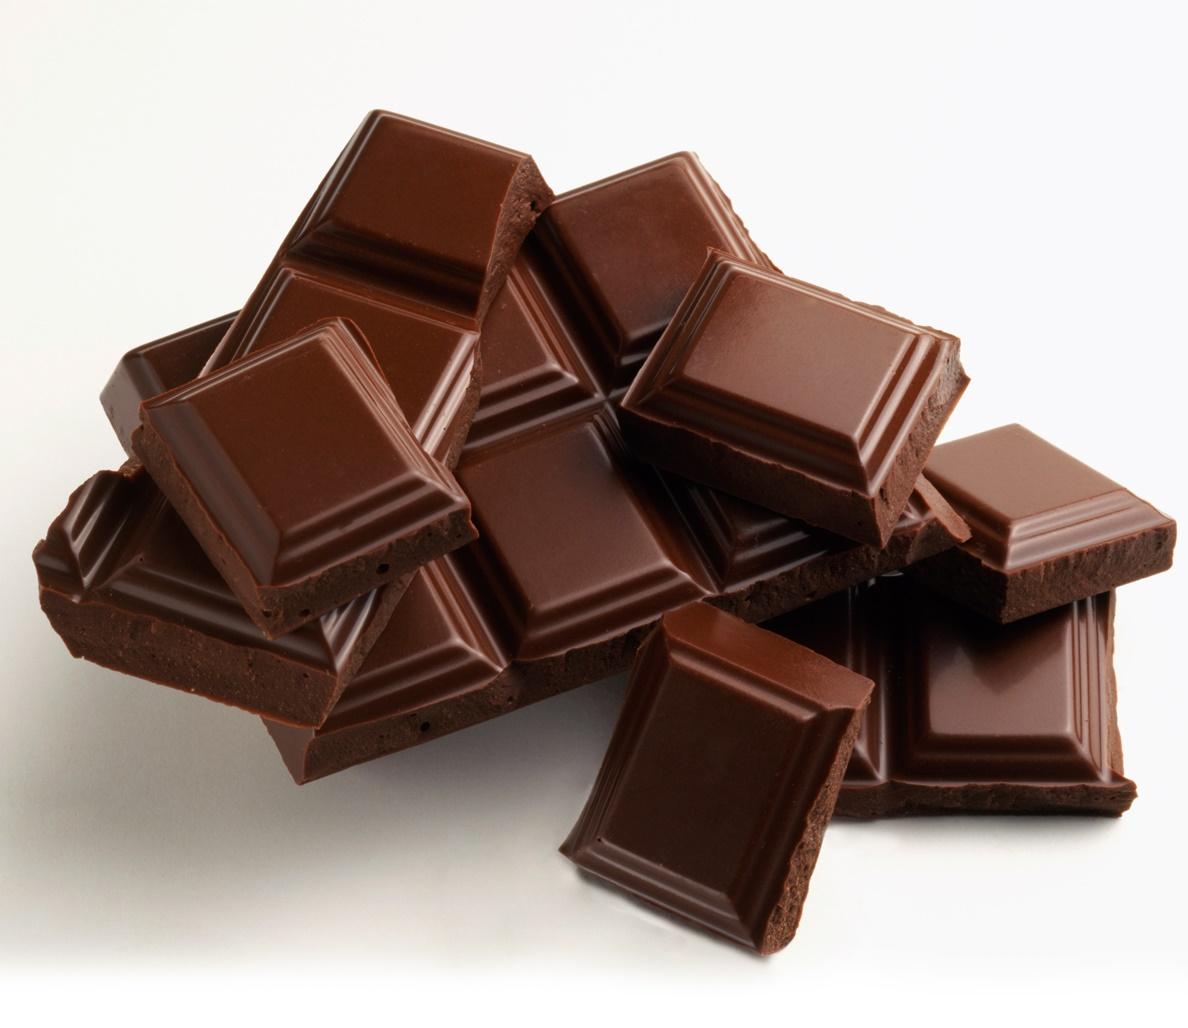 کاهش ریسک نارسایی قلبی با مصرف شکلات